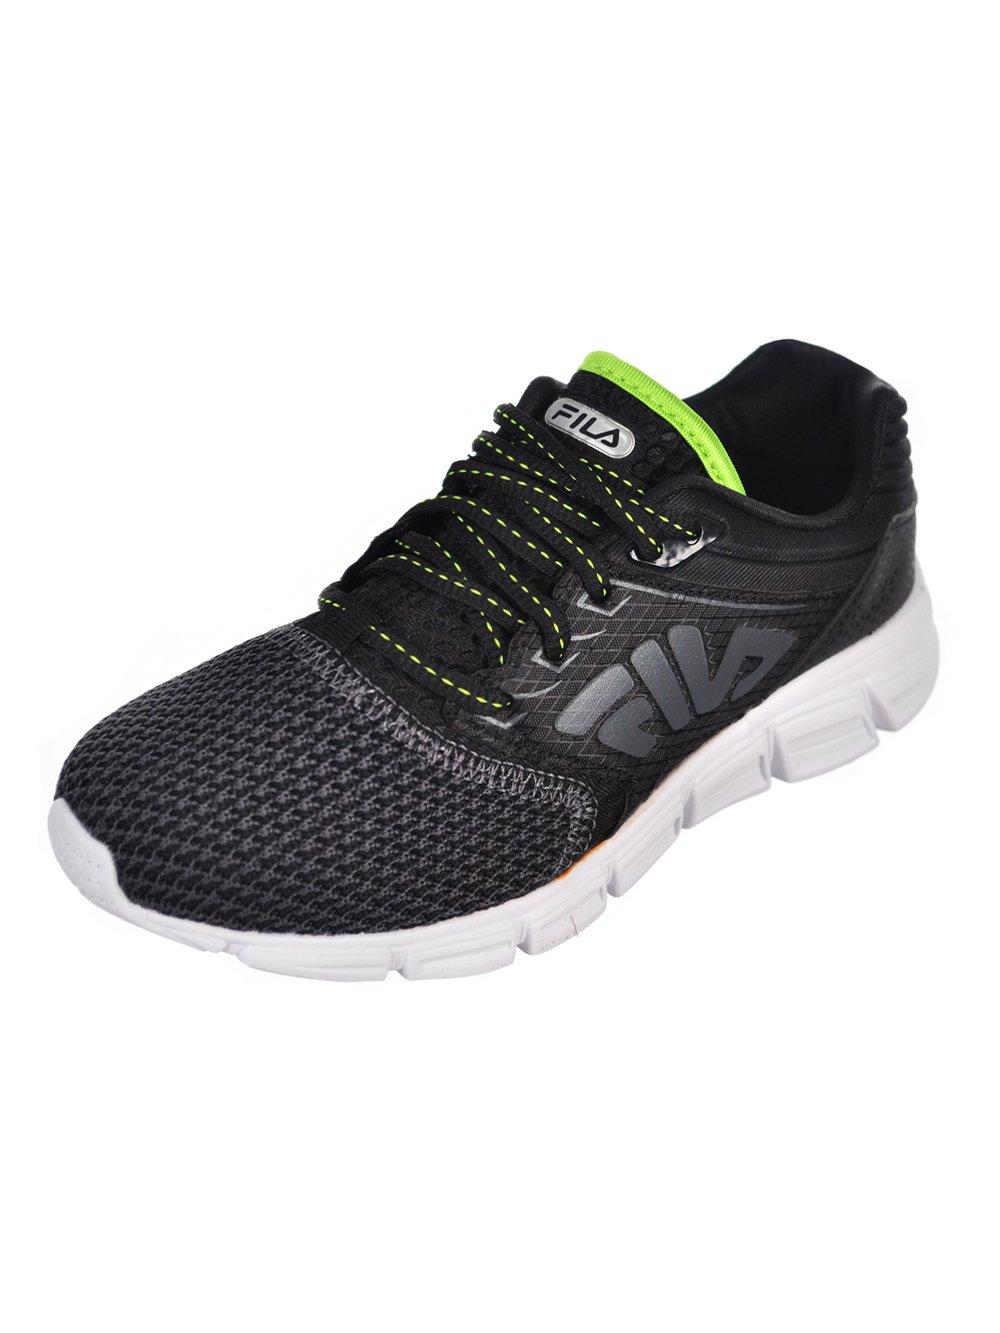 eeef4f865aca Fila Boys  Multiswift Sneakers - Black Gray